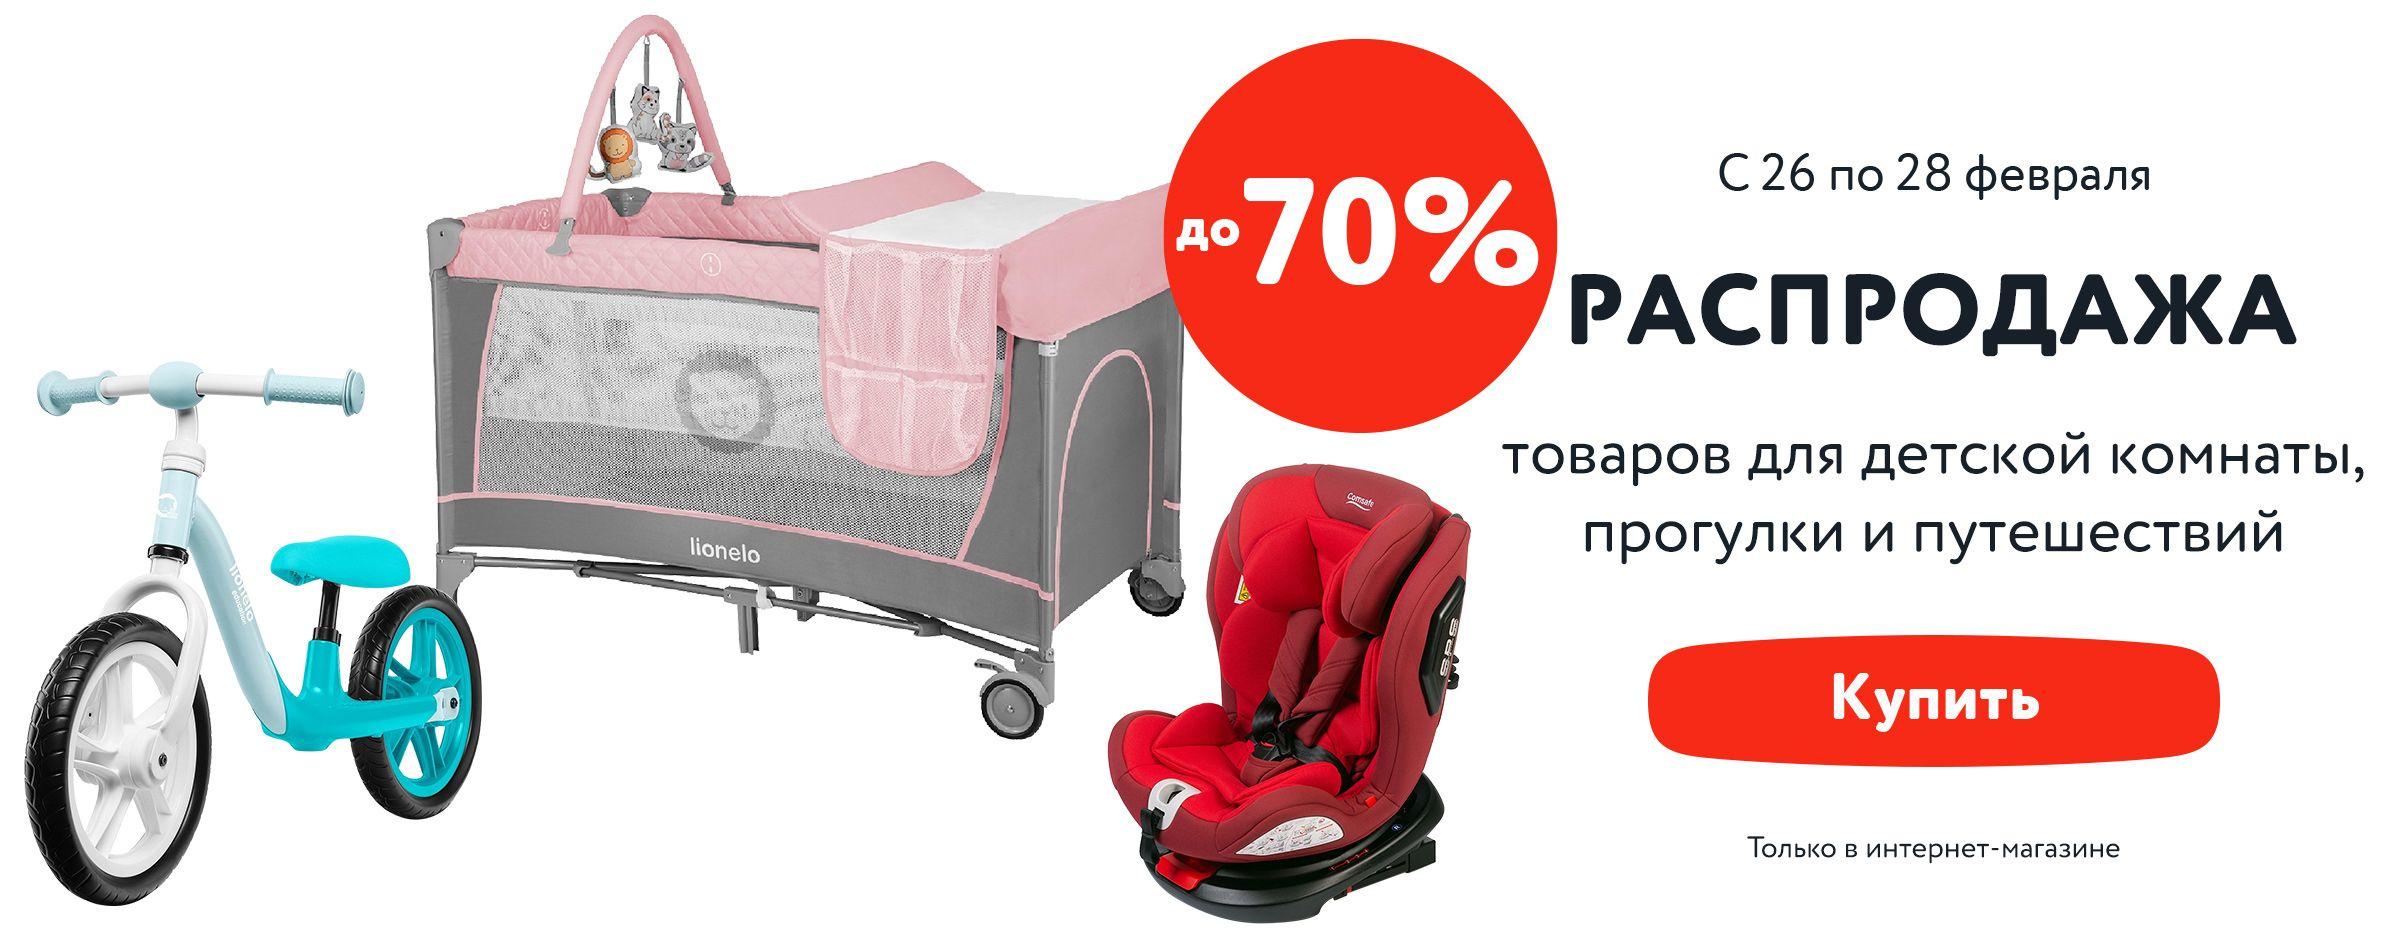 Распродажа товаров для детской комнаты, прогулки и путешествий